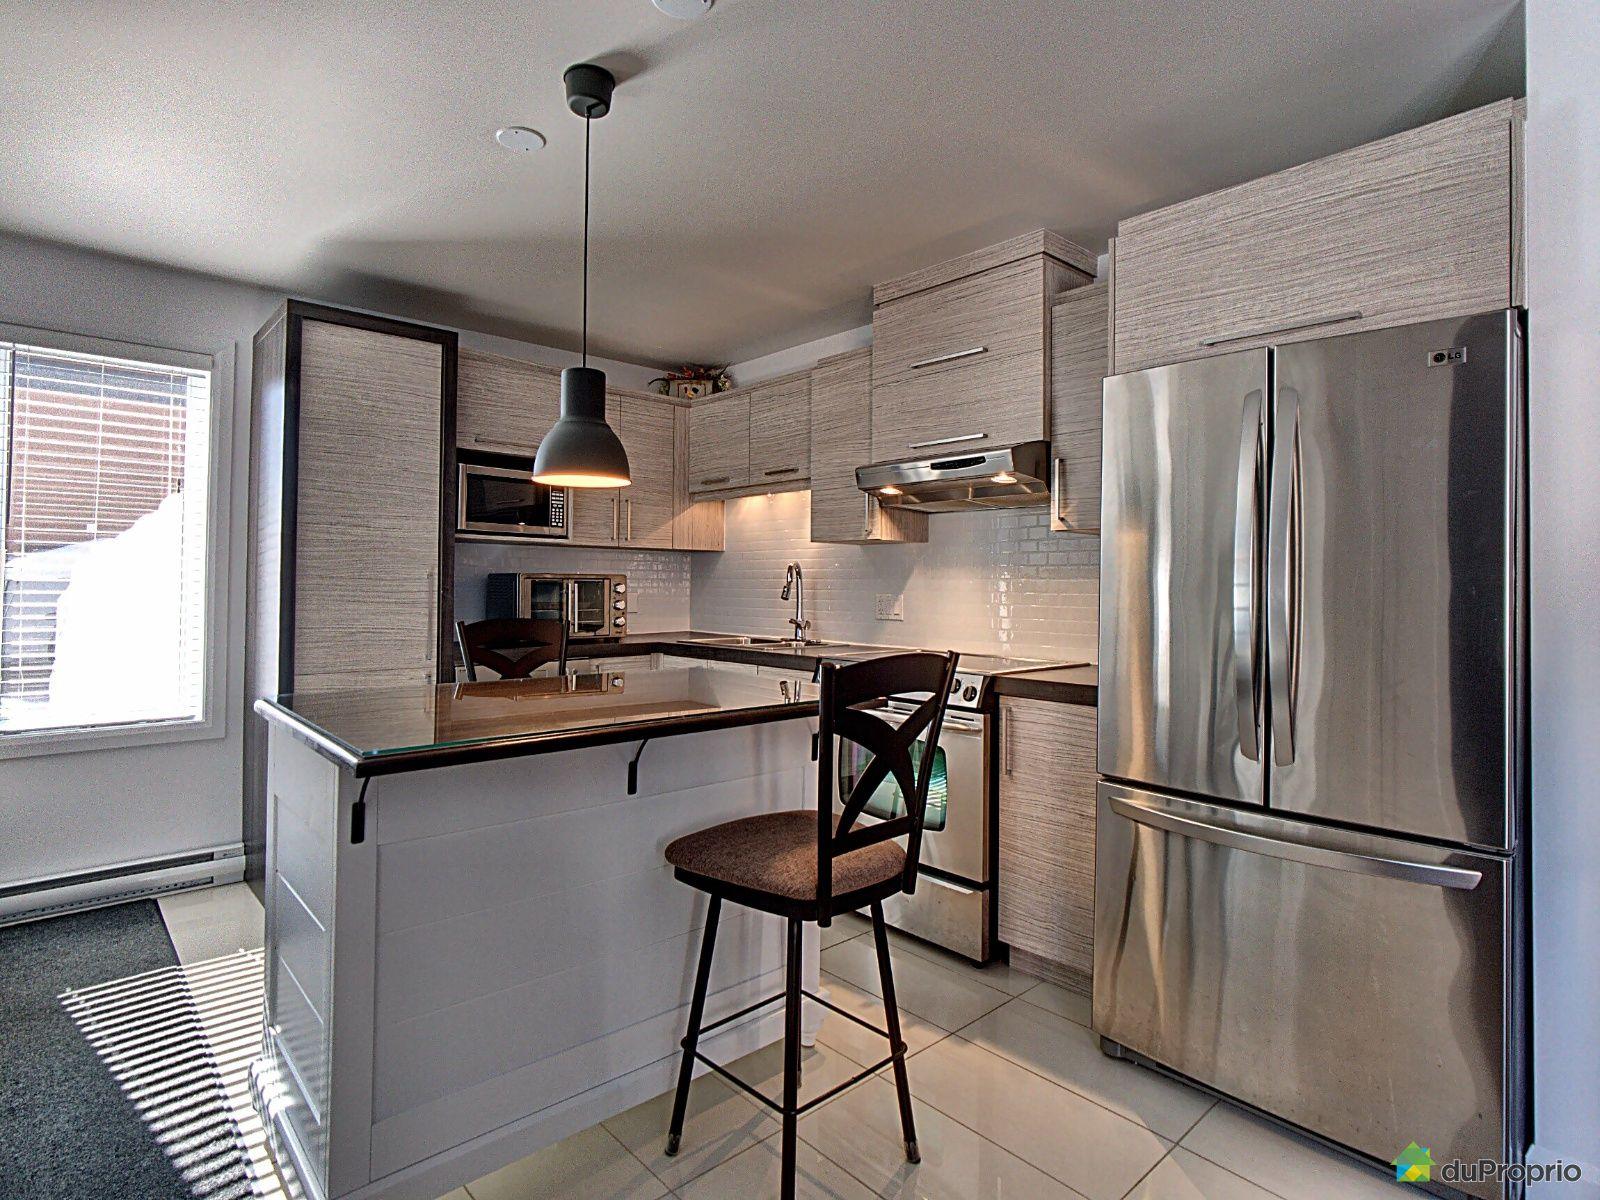 Kitchen - 103-4740 Place de la Marquise, Trois-Rivières (Trois-Rivières) for sale